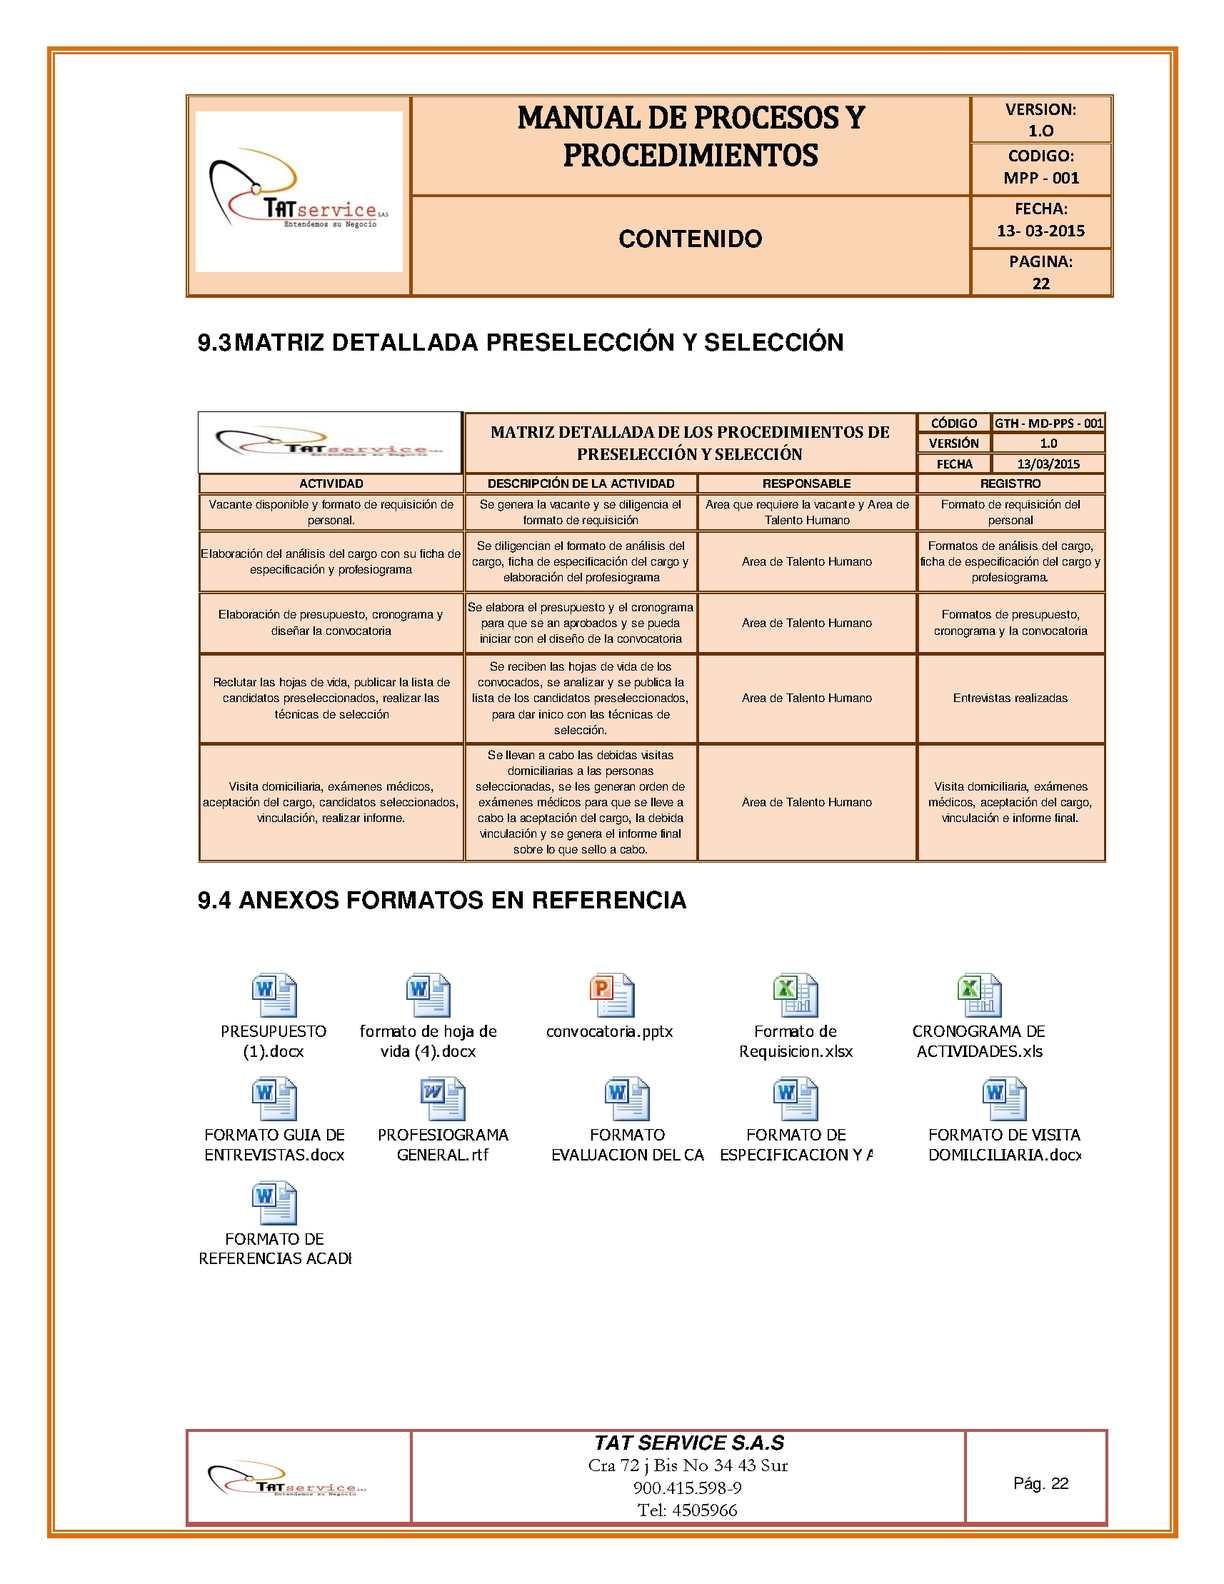 Manual de procesos y procedimientos calameo downloader page 22 ccuart Choice Image